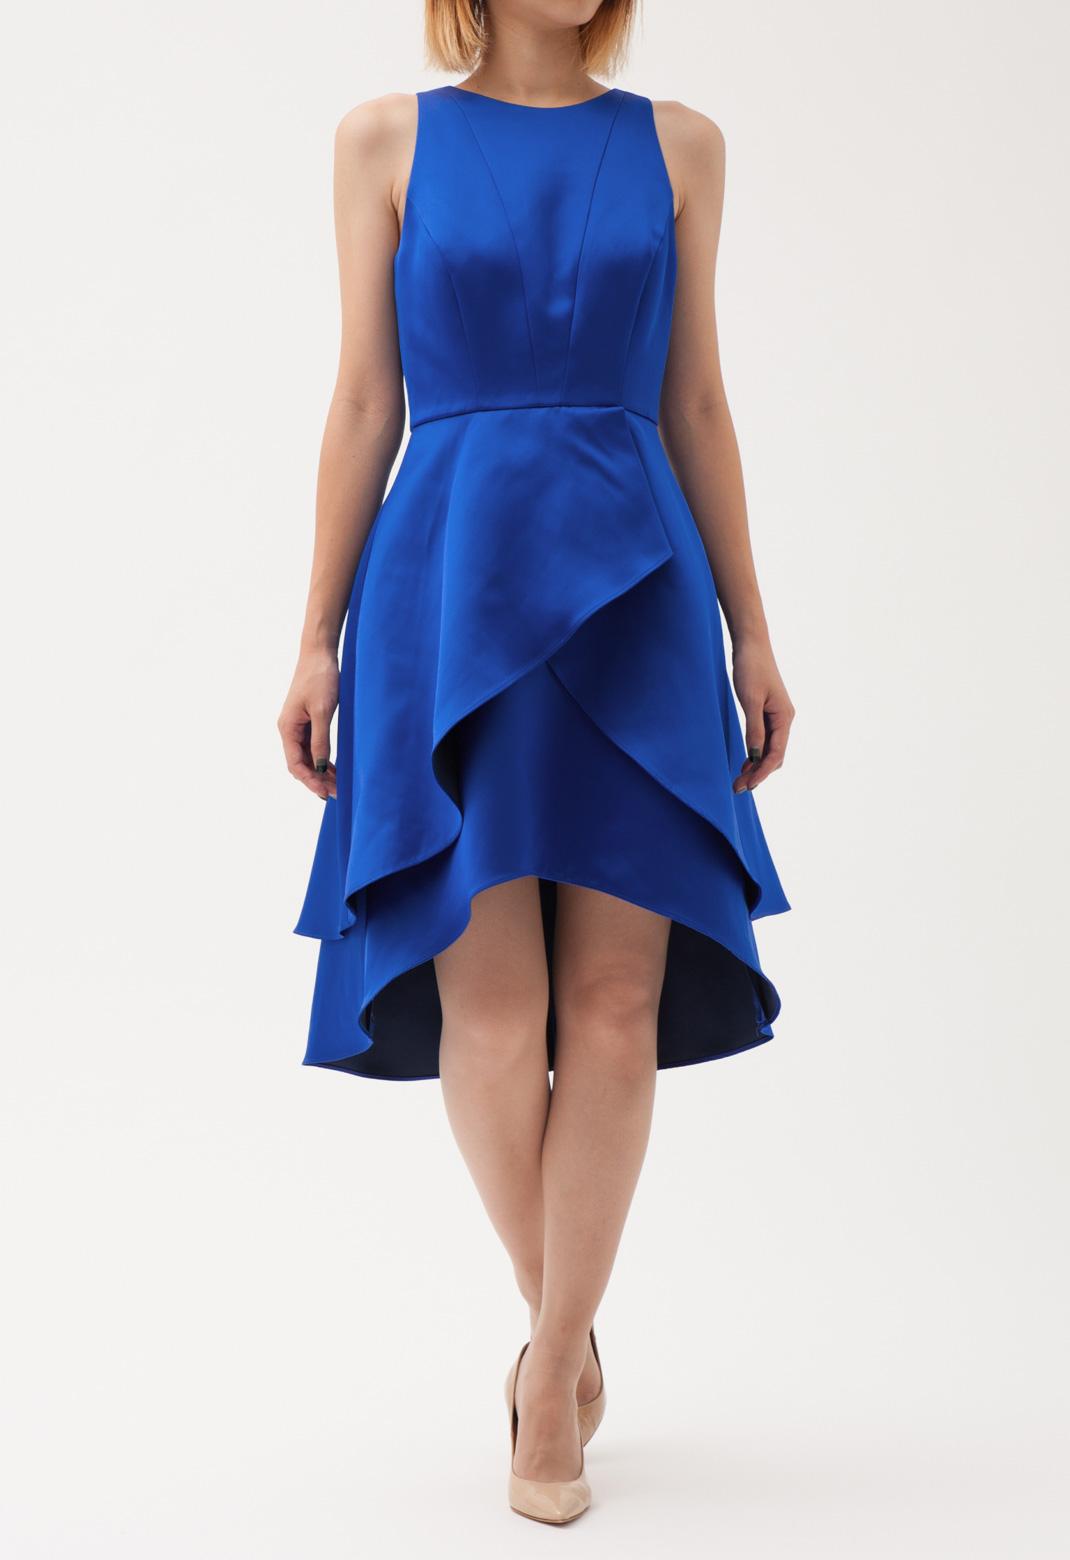 ティアードフレア ノースリーブ ドレス